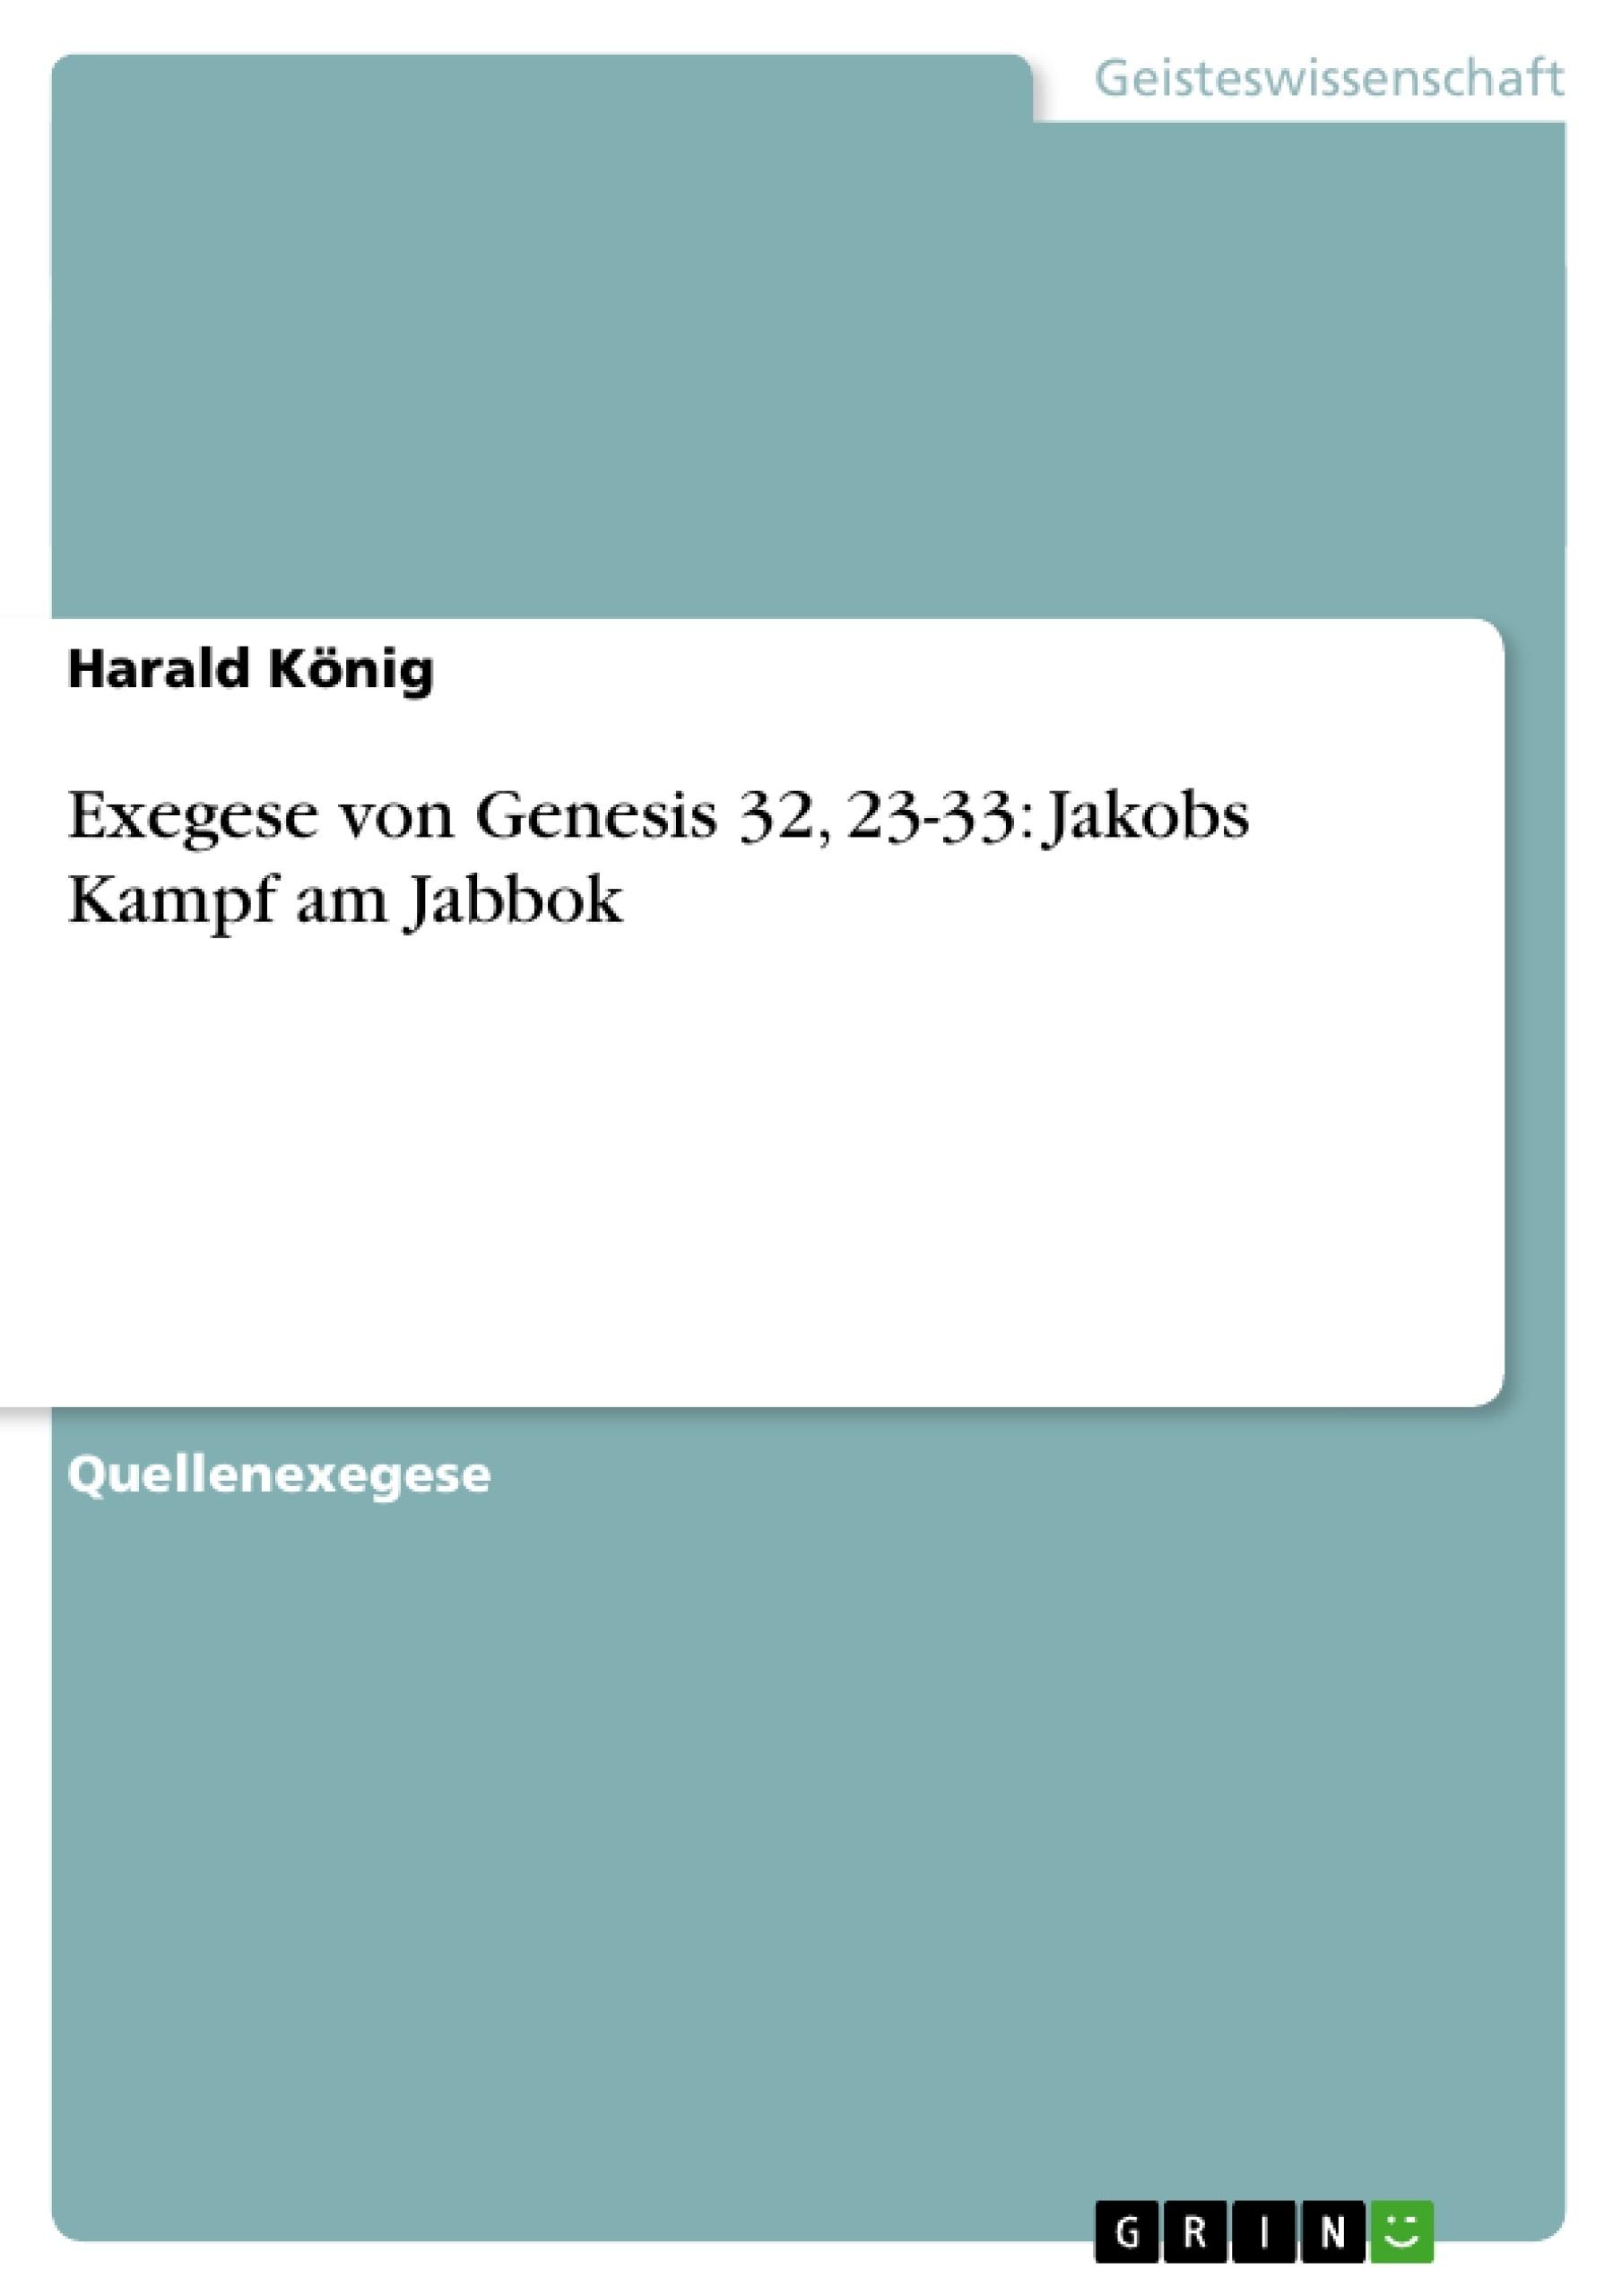 Titel: Exegese von Genesis 32, 23-33: Jakobs Kampf am Jabbok